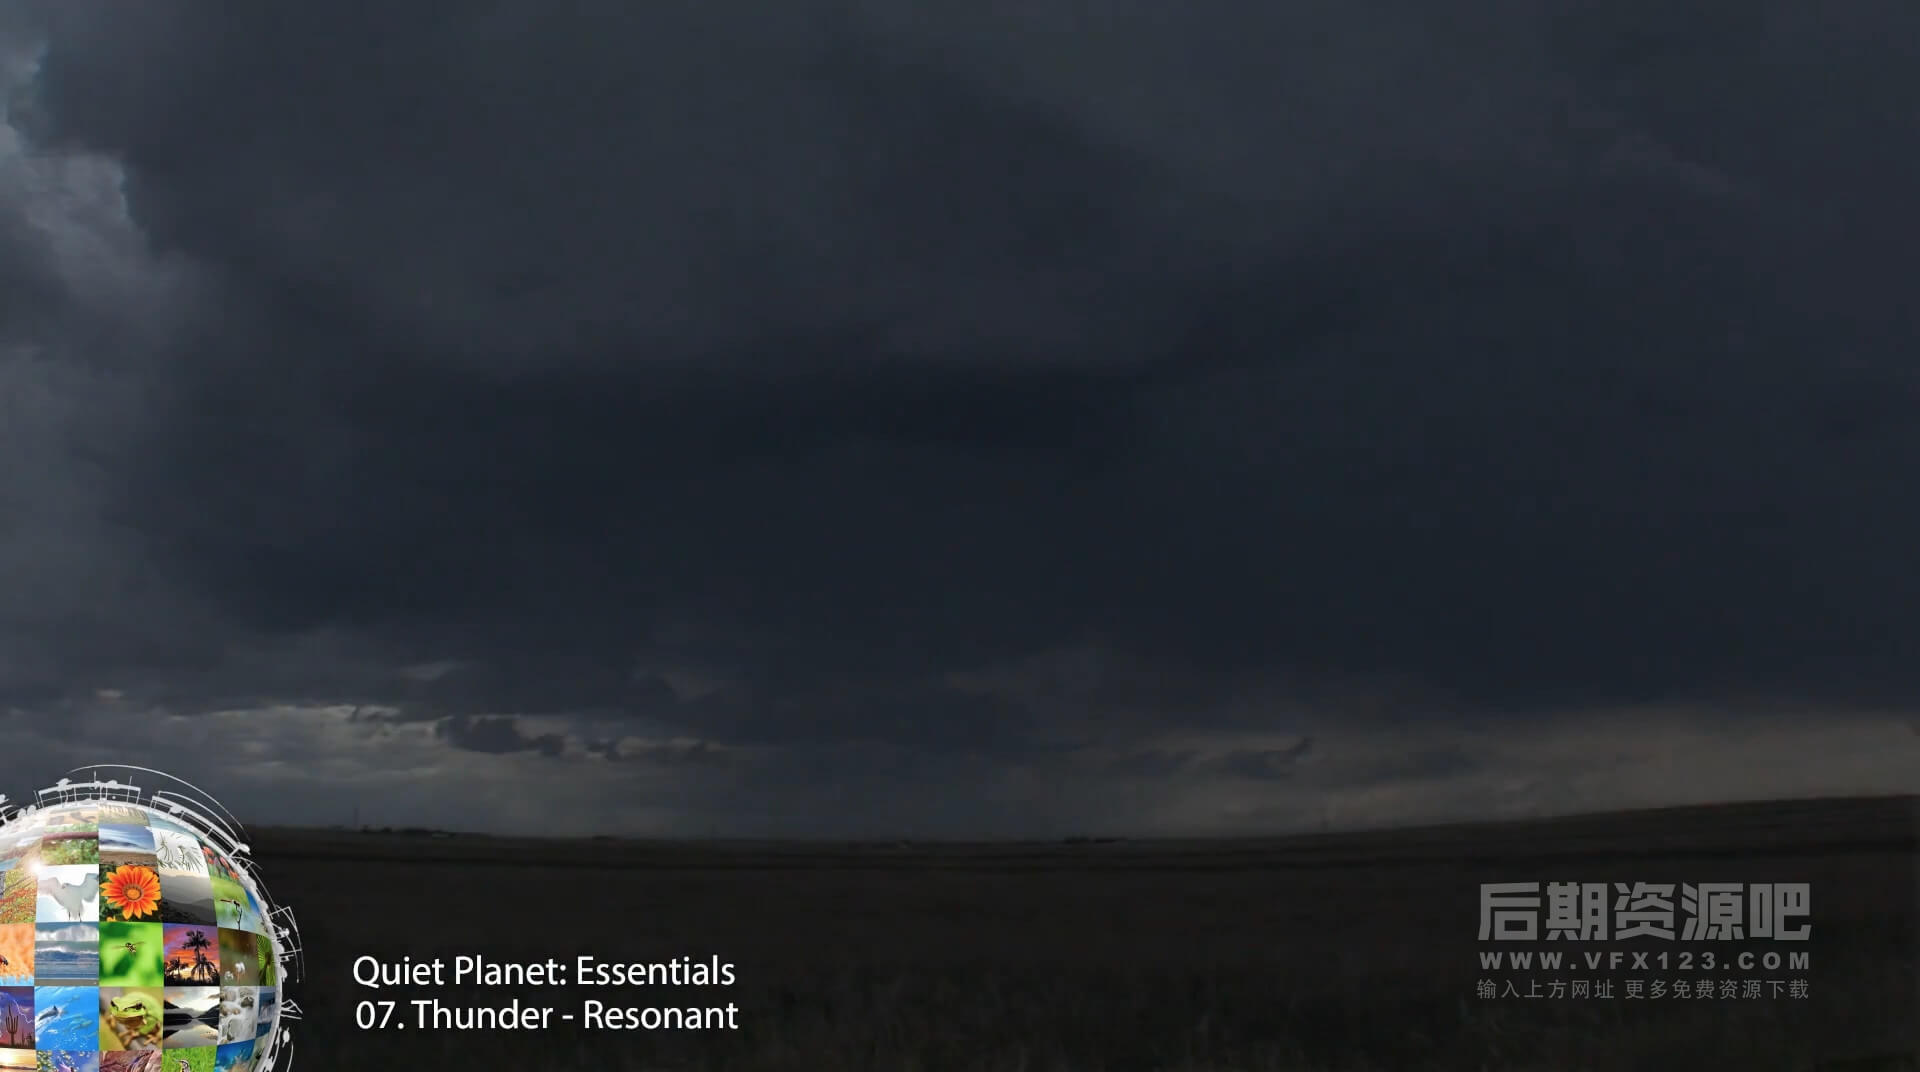 音效素材 大自然环境音效风雨雷昆虫海浪森林沙漠草原落叶峡谷 NATURE ESSENTIALS